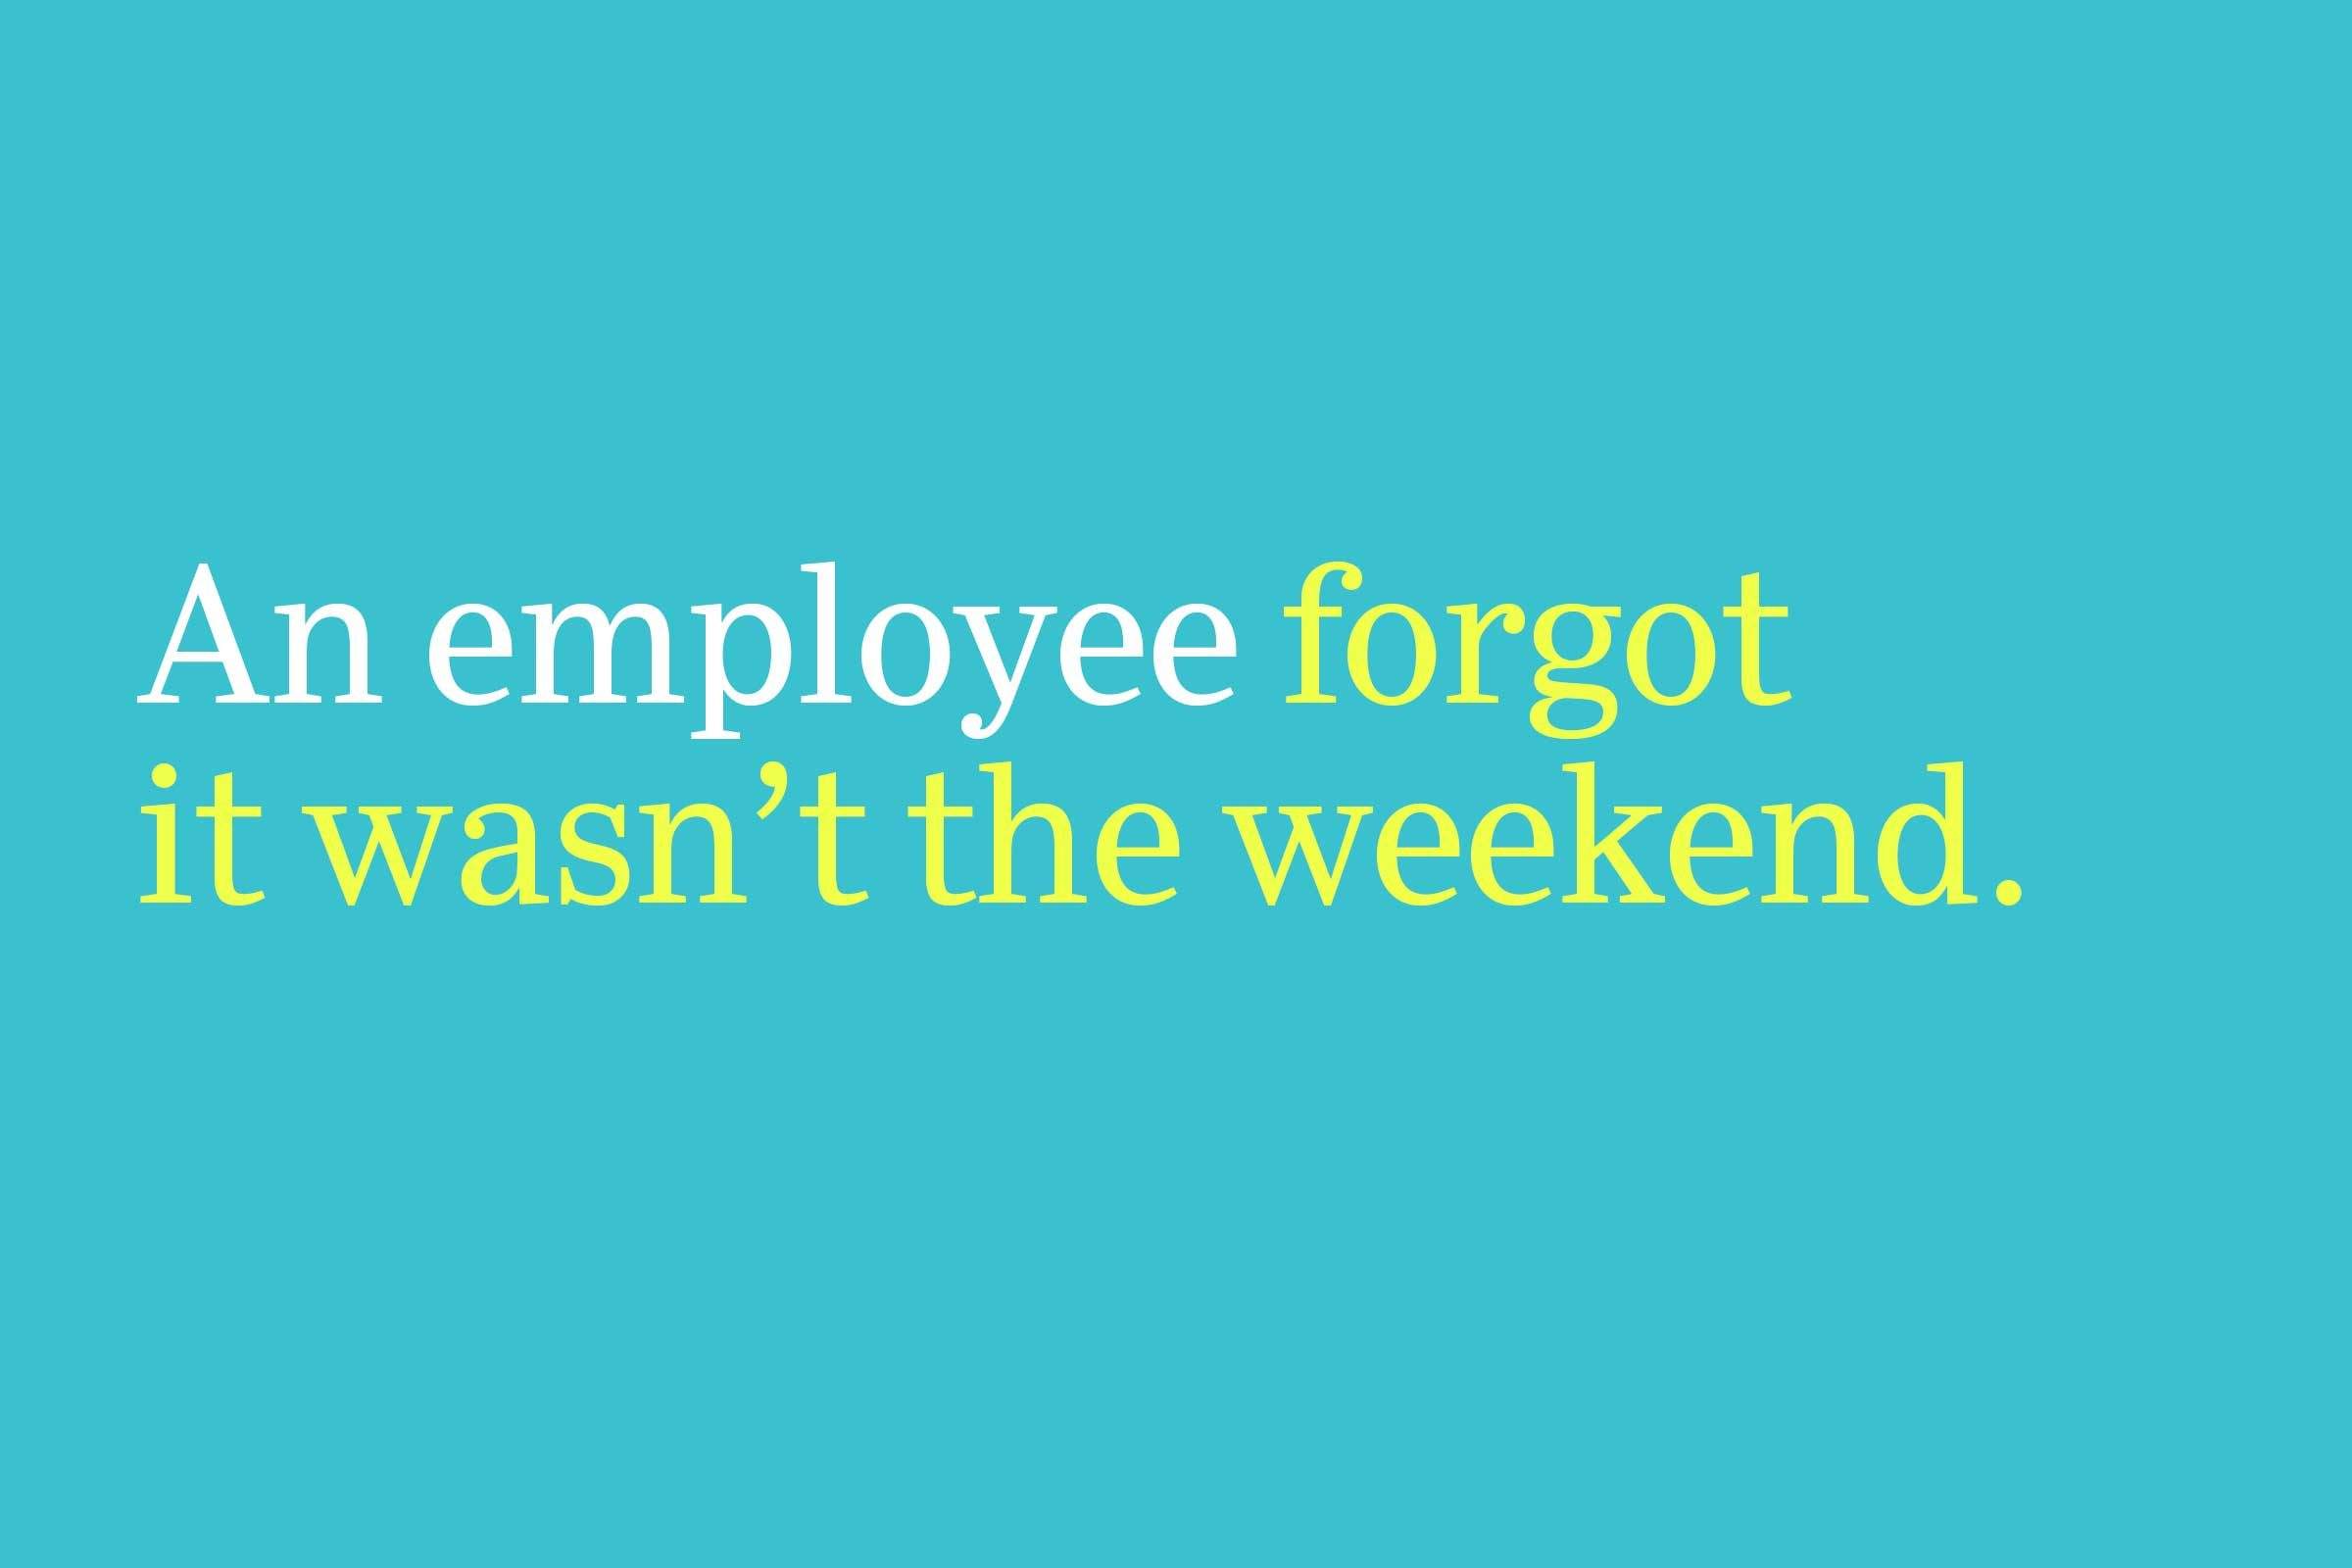 forgot it wasn't the weekend